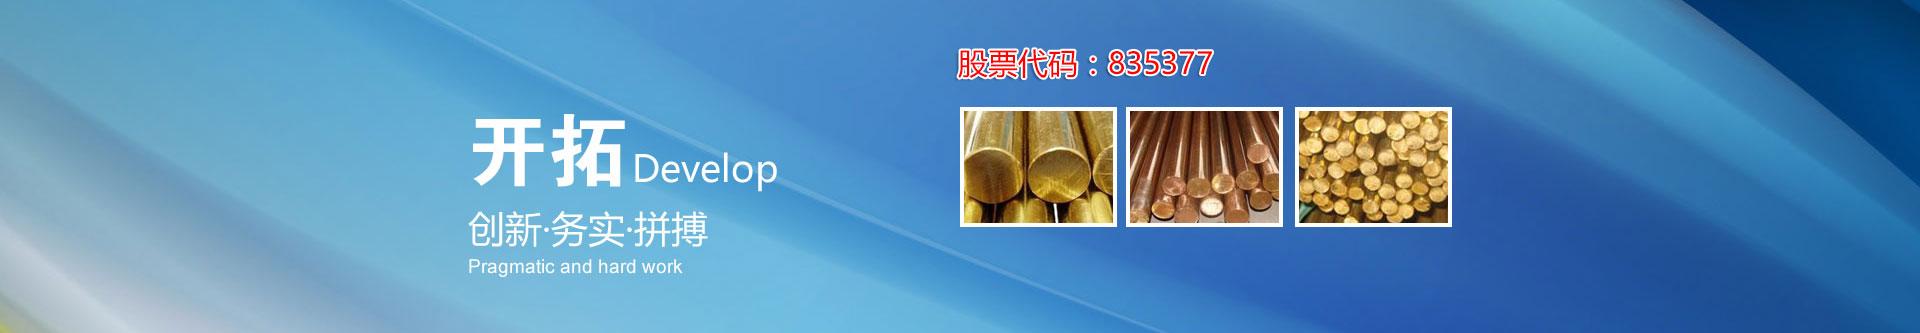 北京pk10下注网站